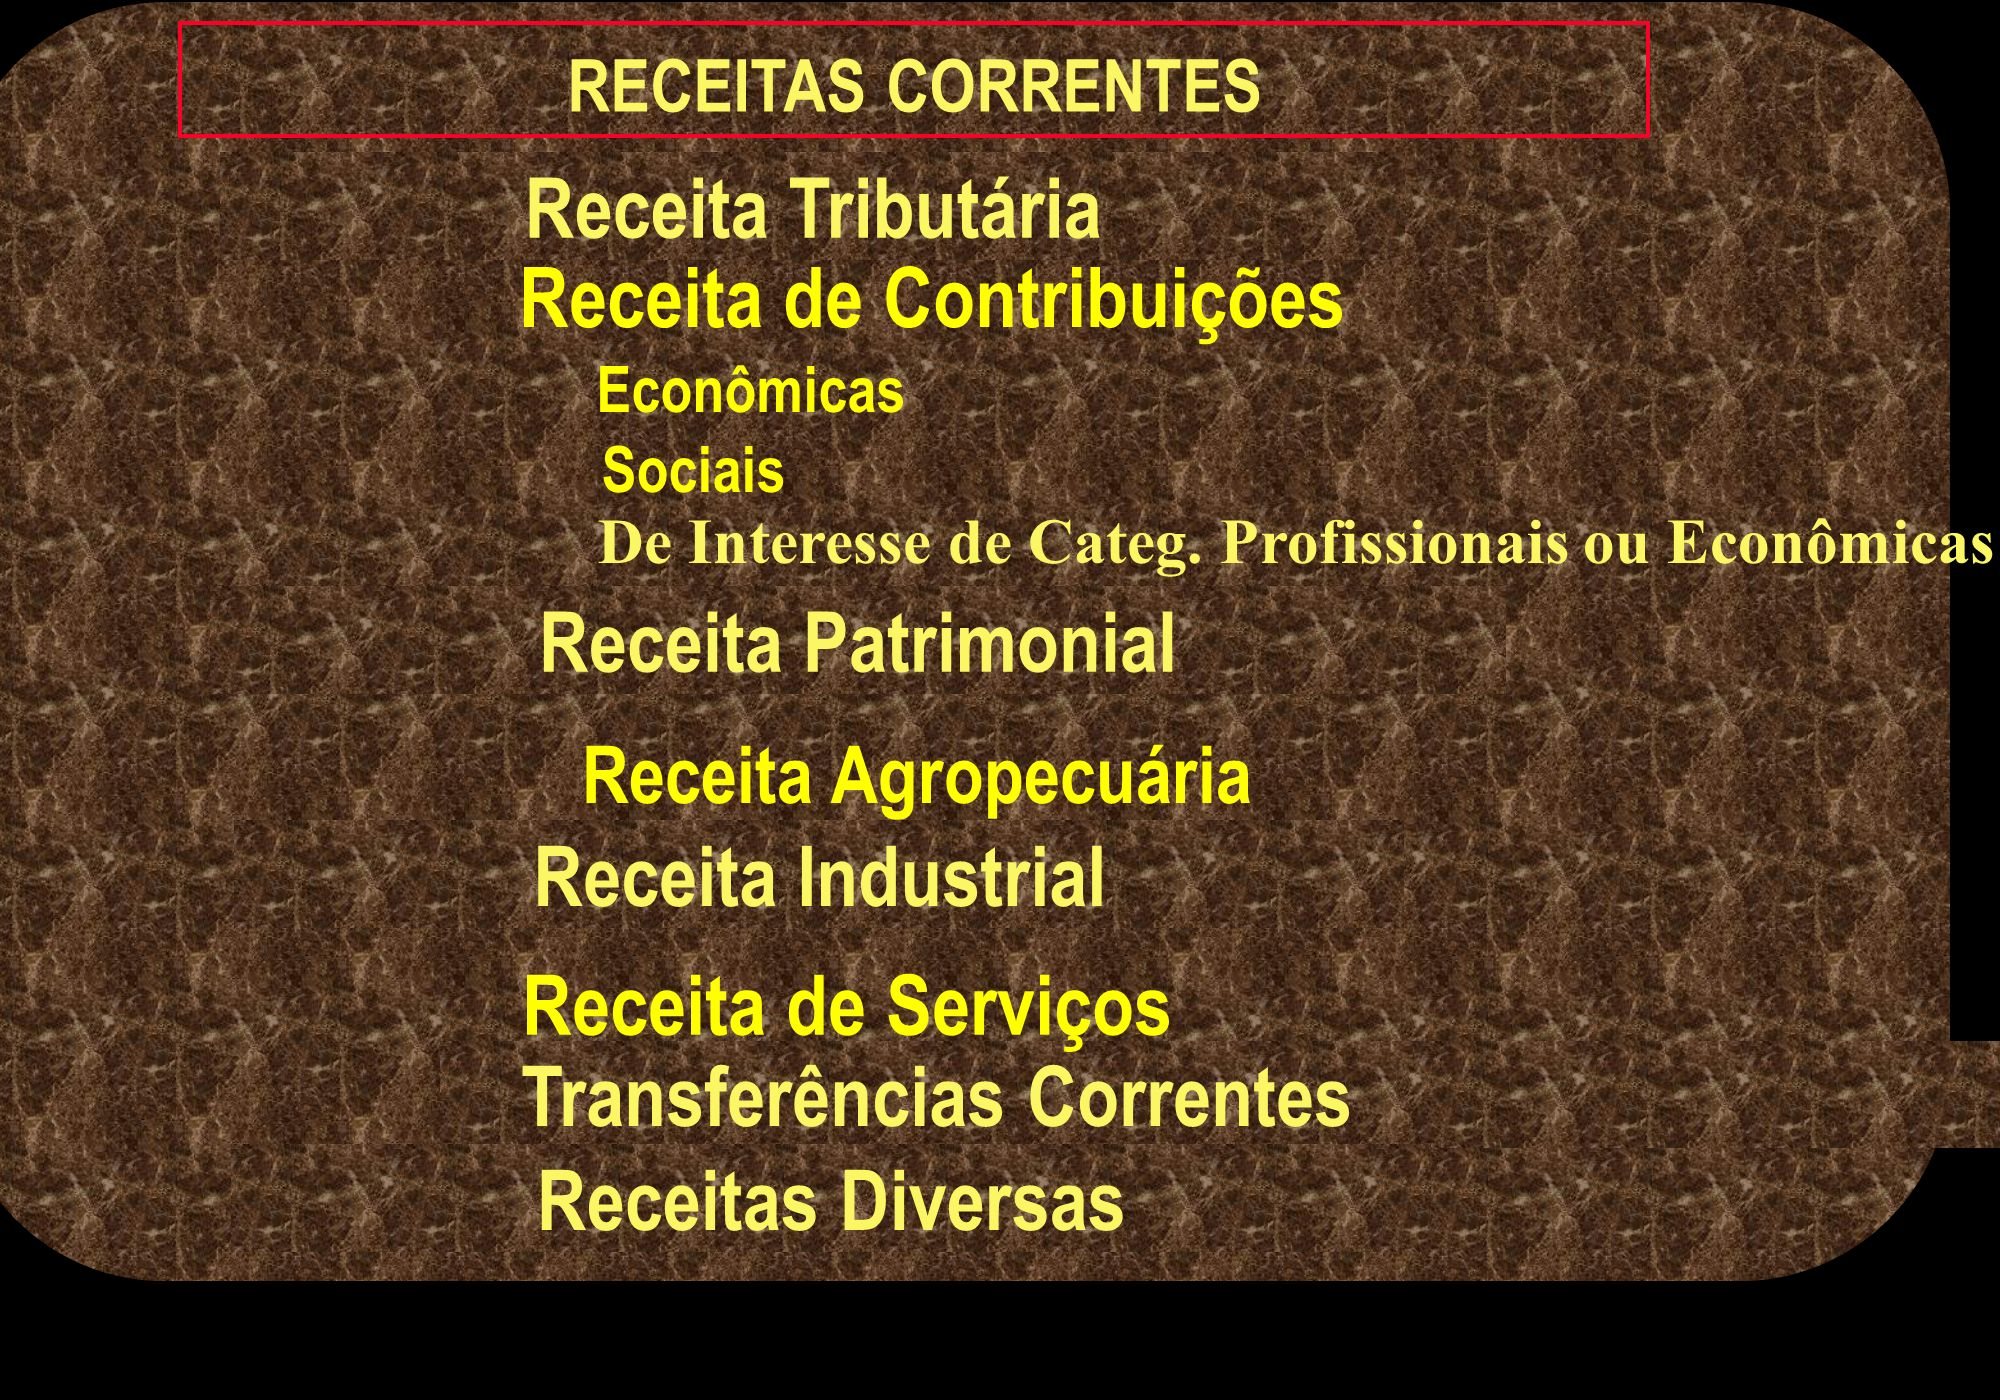 CLASSIFICAÇÃO DAS RECEITAS PÚBLICAS COMPOSIÇÃO DE ALGUMAS FONTES CLASSIFICAÇÃO DAS RECEITAS PÚBLICAS COMPOSIÇÃO DE ALGUMAS FONTES FONTE 01 IMPOSTO SOBRE A RENDA E SOBRE PRODUTOS INDUSTRIALIZADOS ESTADOS FPE 21,5% do IR + 21,5% do IPI MUNICÍPIOS FPM 22,5% do IR + 22,5% do IPI REGIÕES 3% do IR 3% do IPI NO,NE,CO ESTADOS EXPORTADORES 10% do IPI (proporcionais às respectivas exportações )